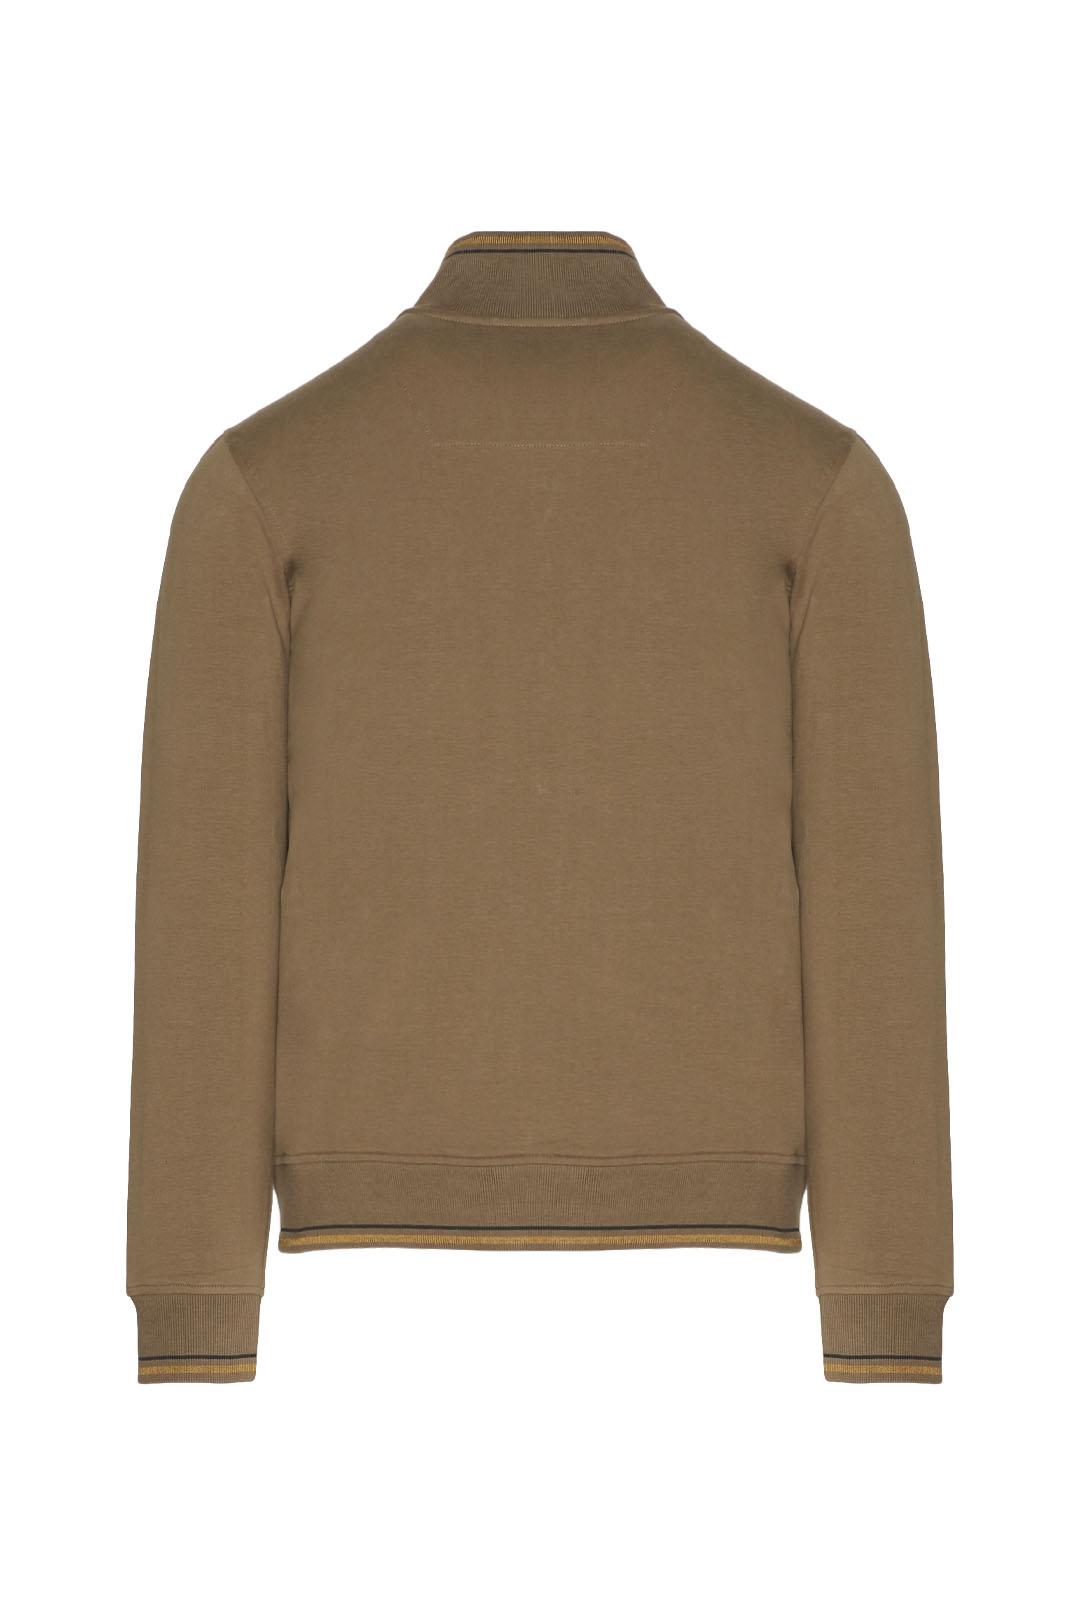 Frecce Tricolori cotton sweatshirt       2